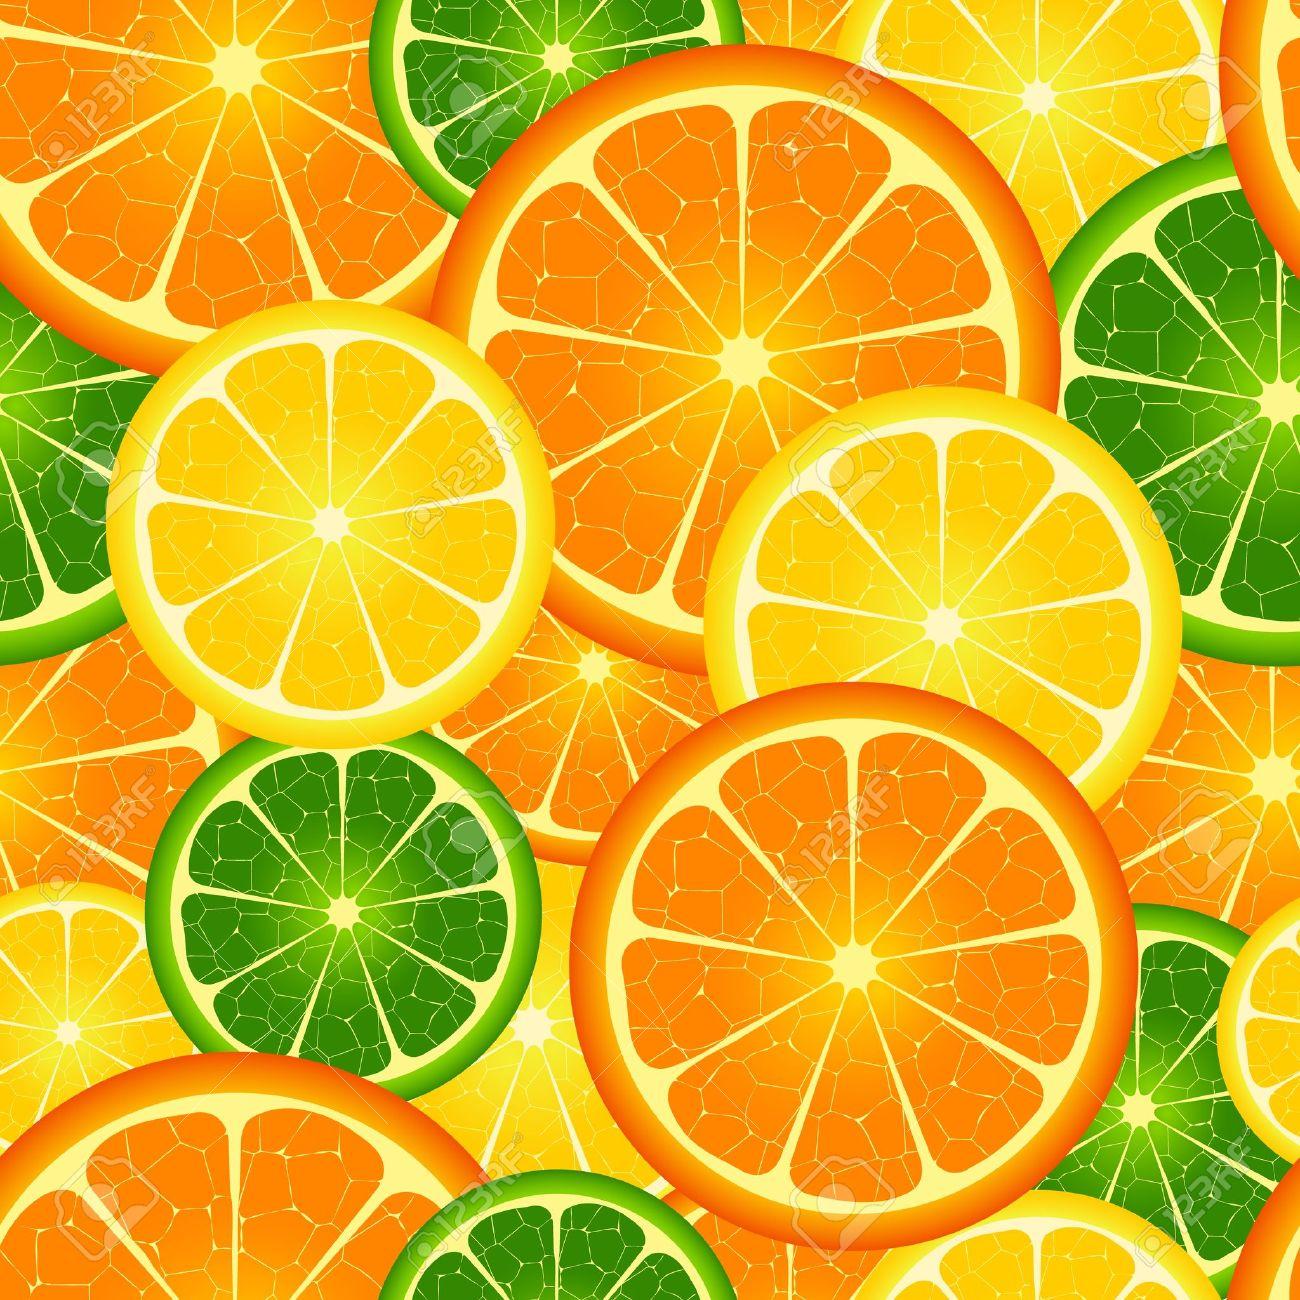 Illustration of seamless orange background - 12492907